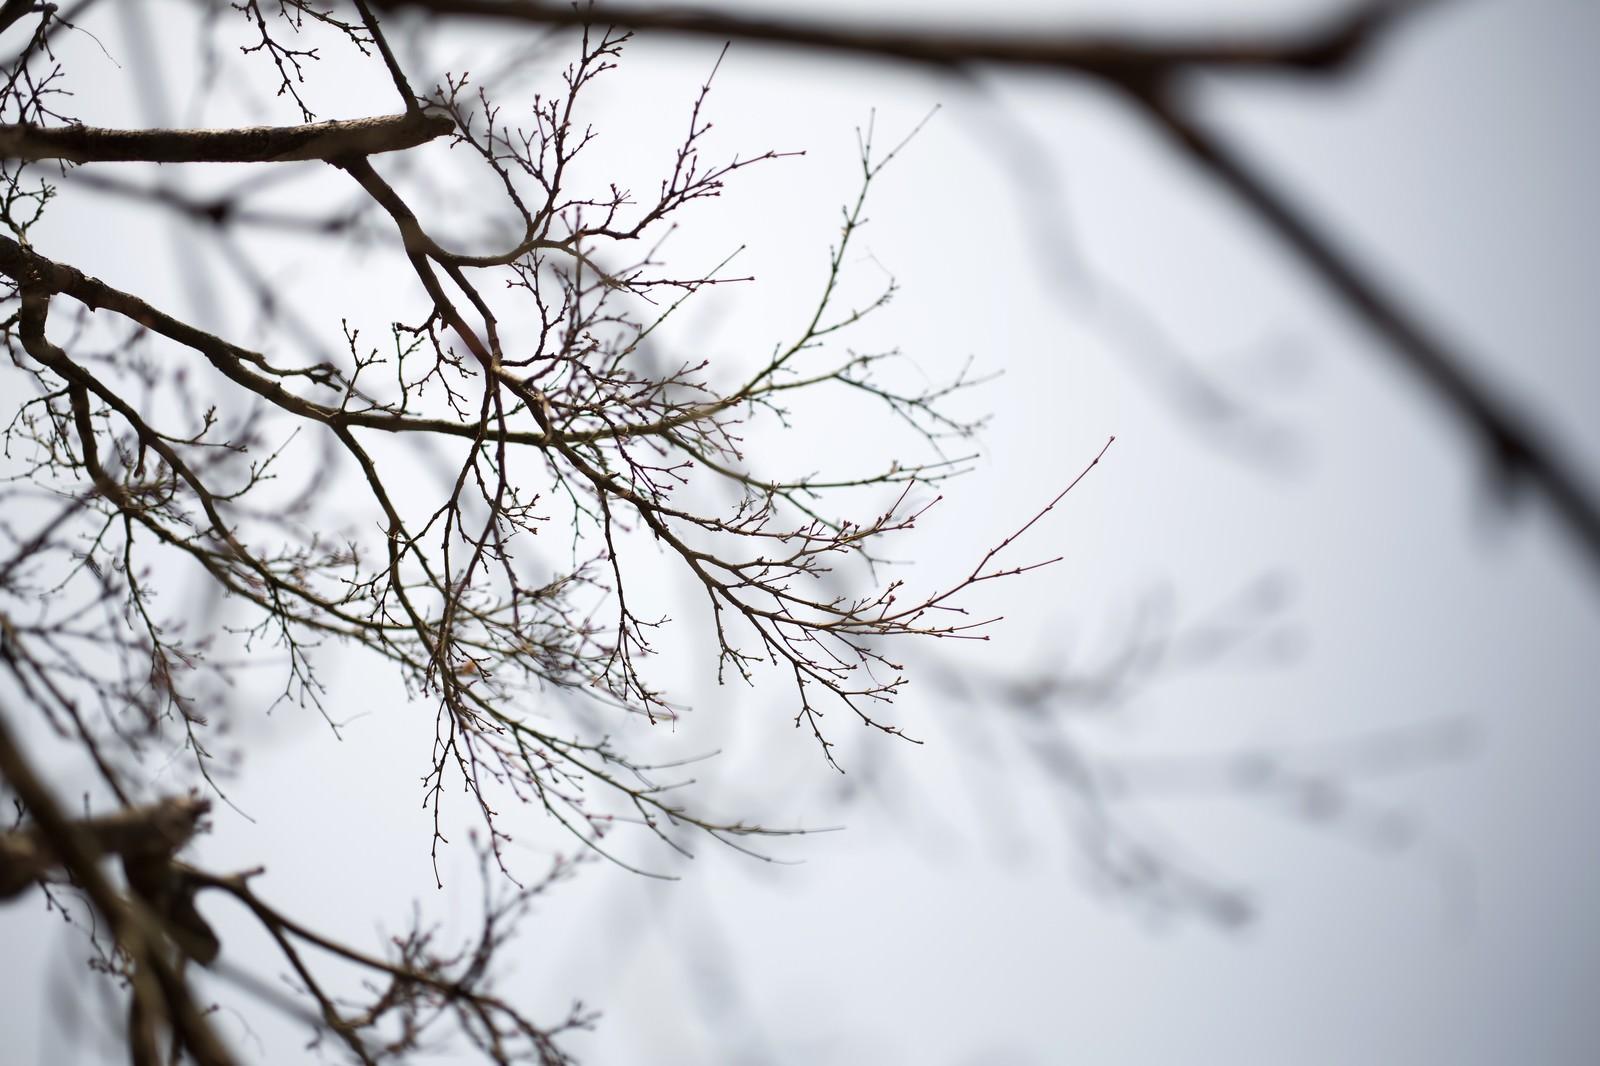 「春を待つつぼみの木」の写真